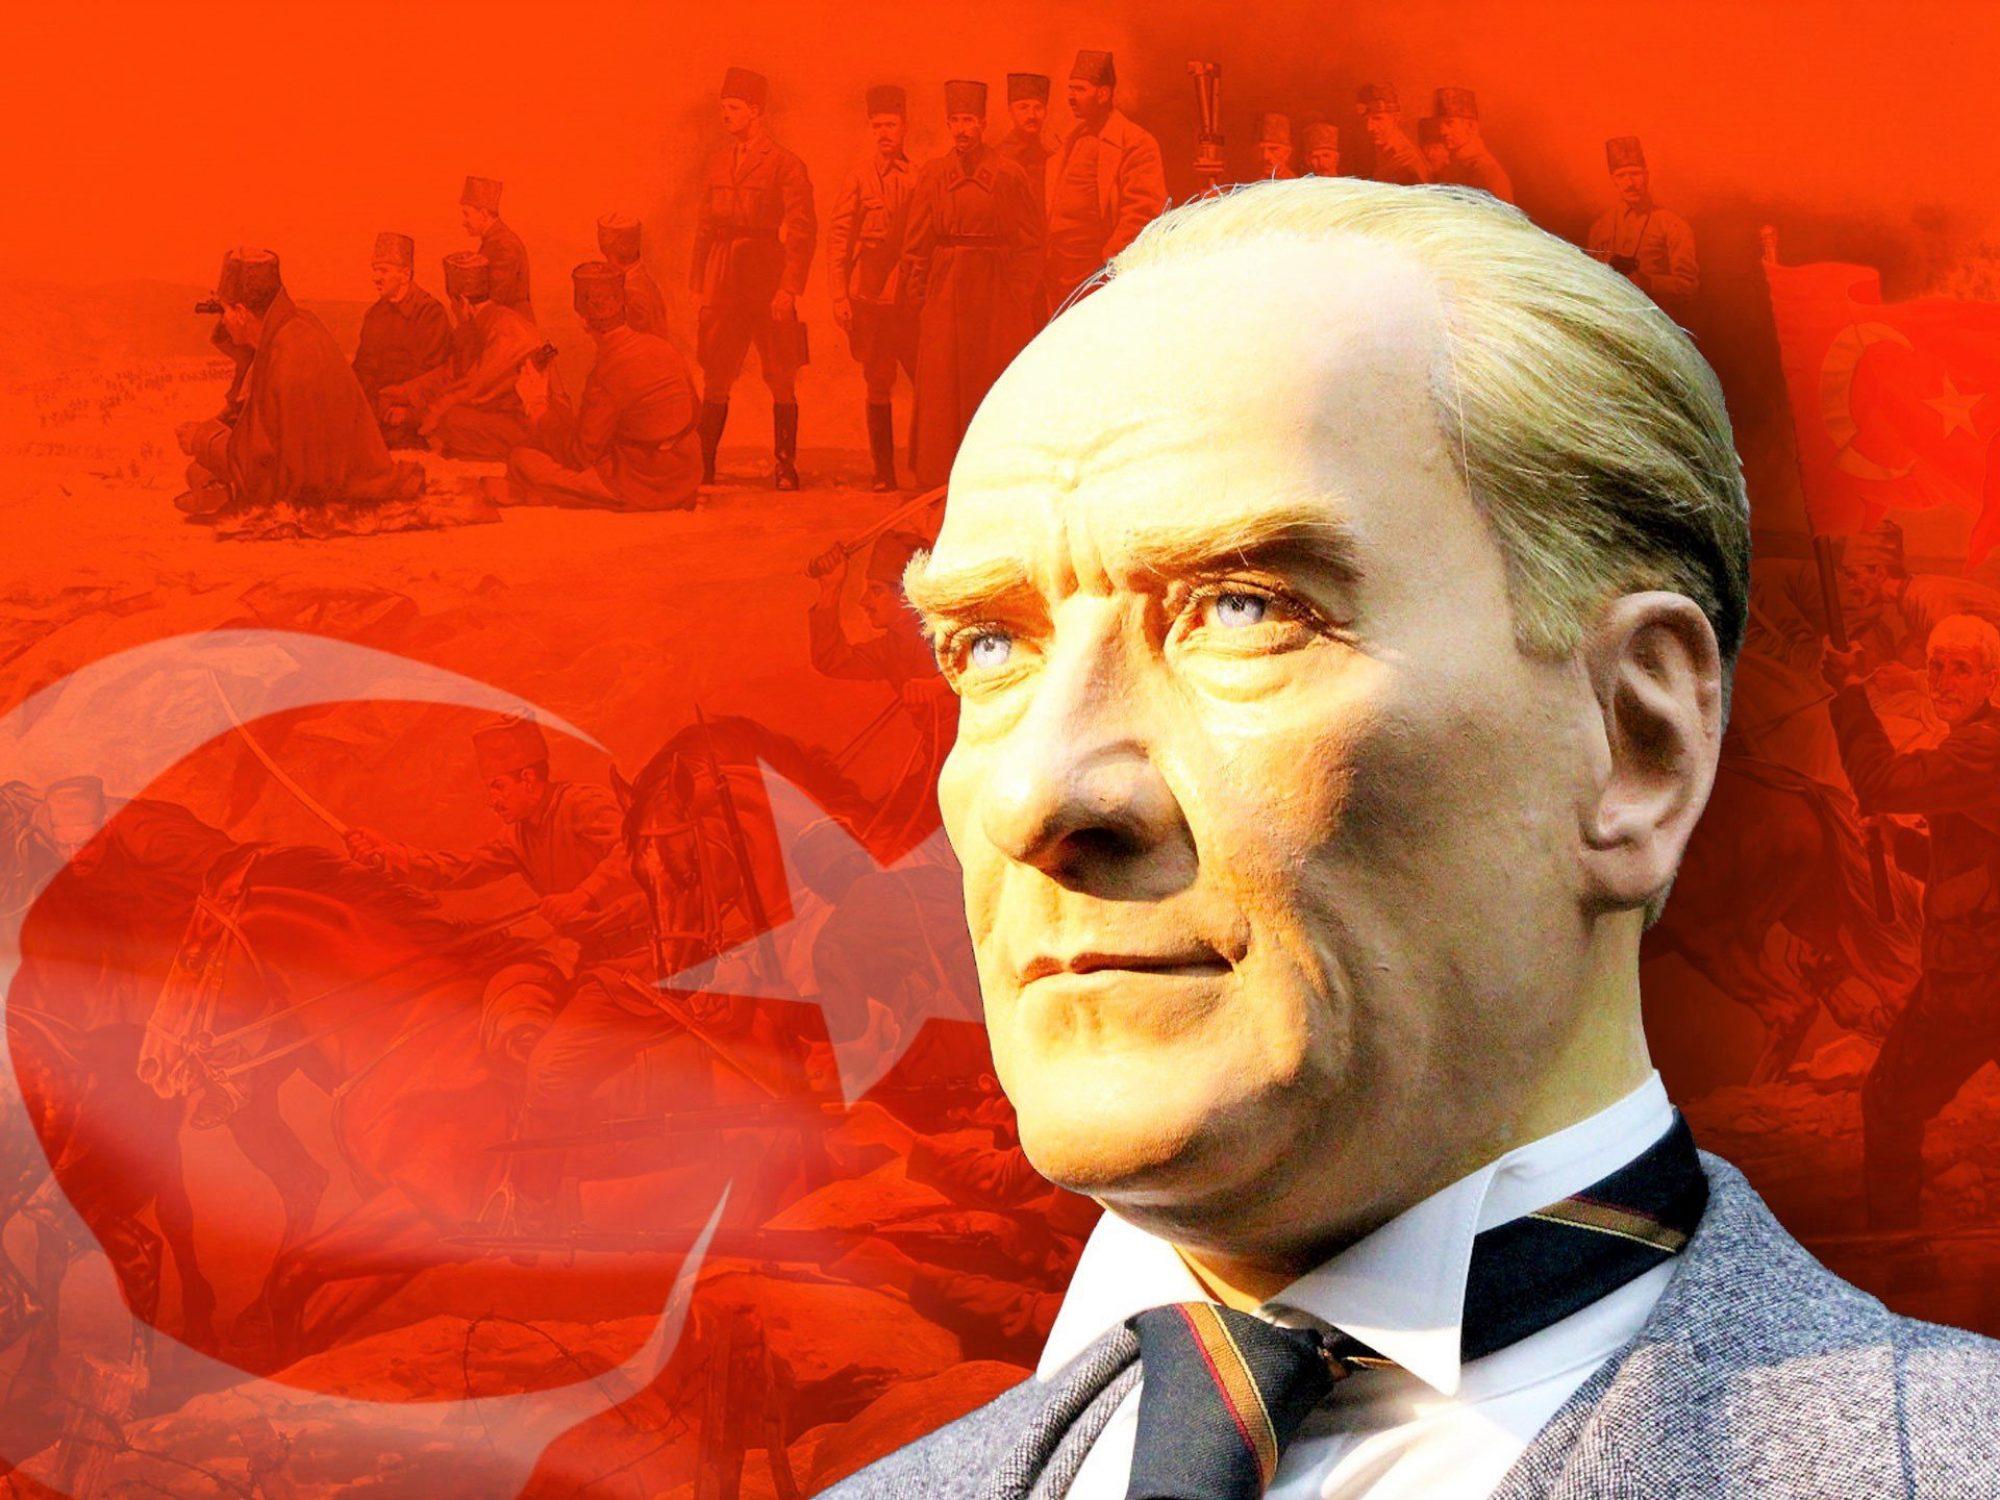 Mustafa Kemal Atatürk: Founder of the Turkish Republic